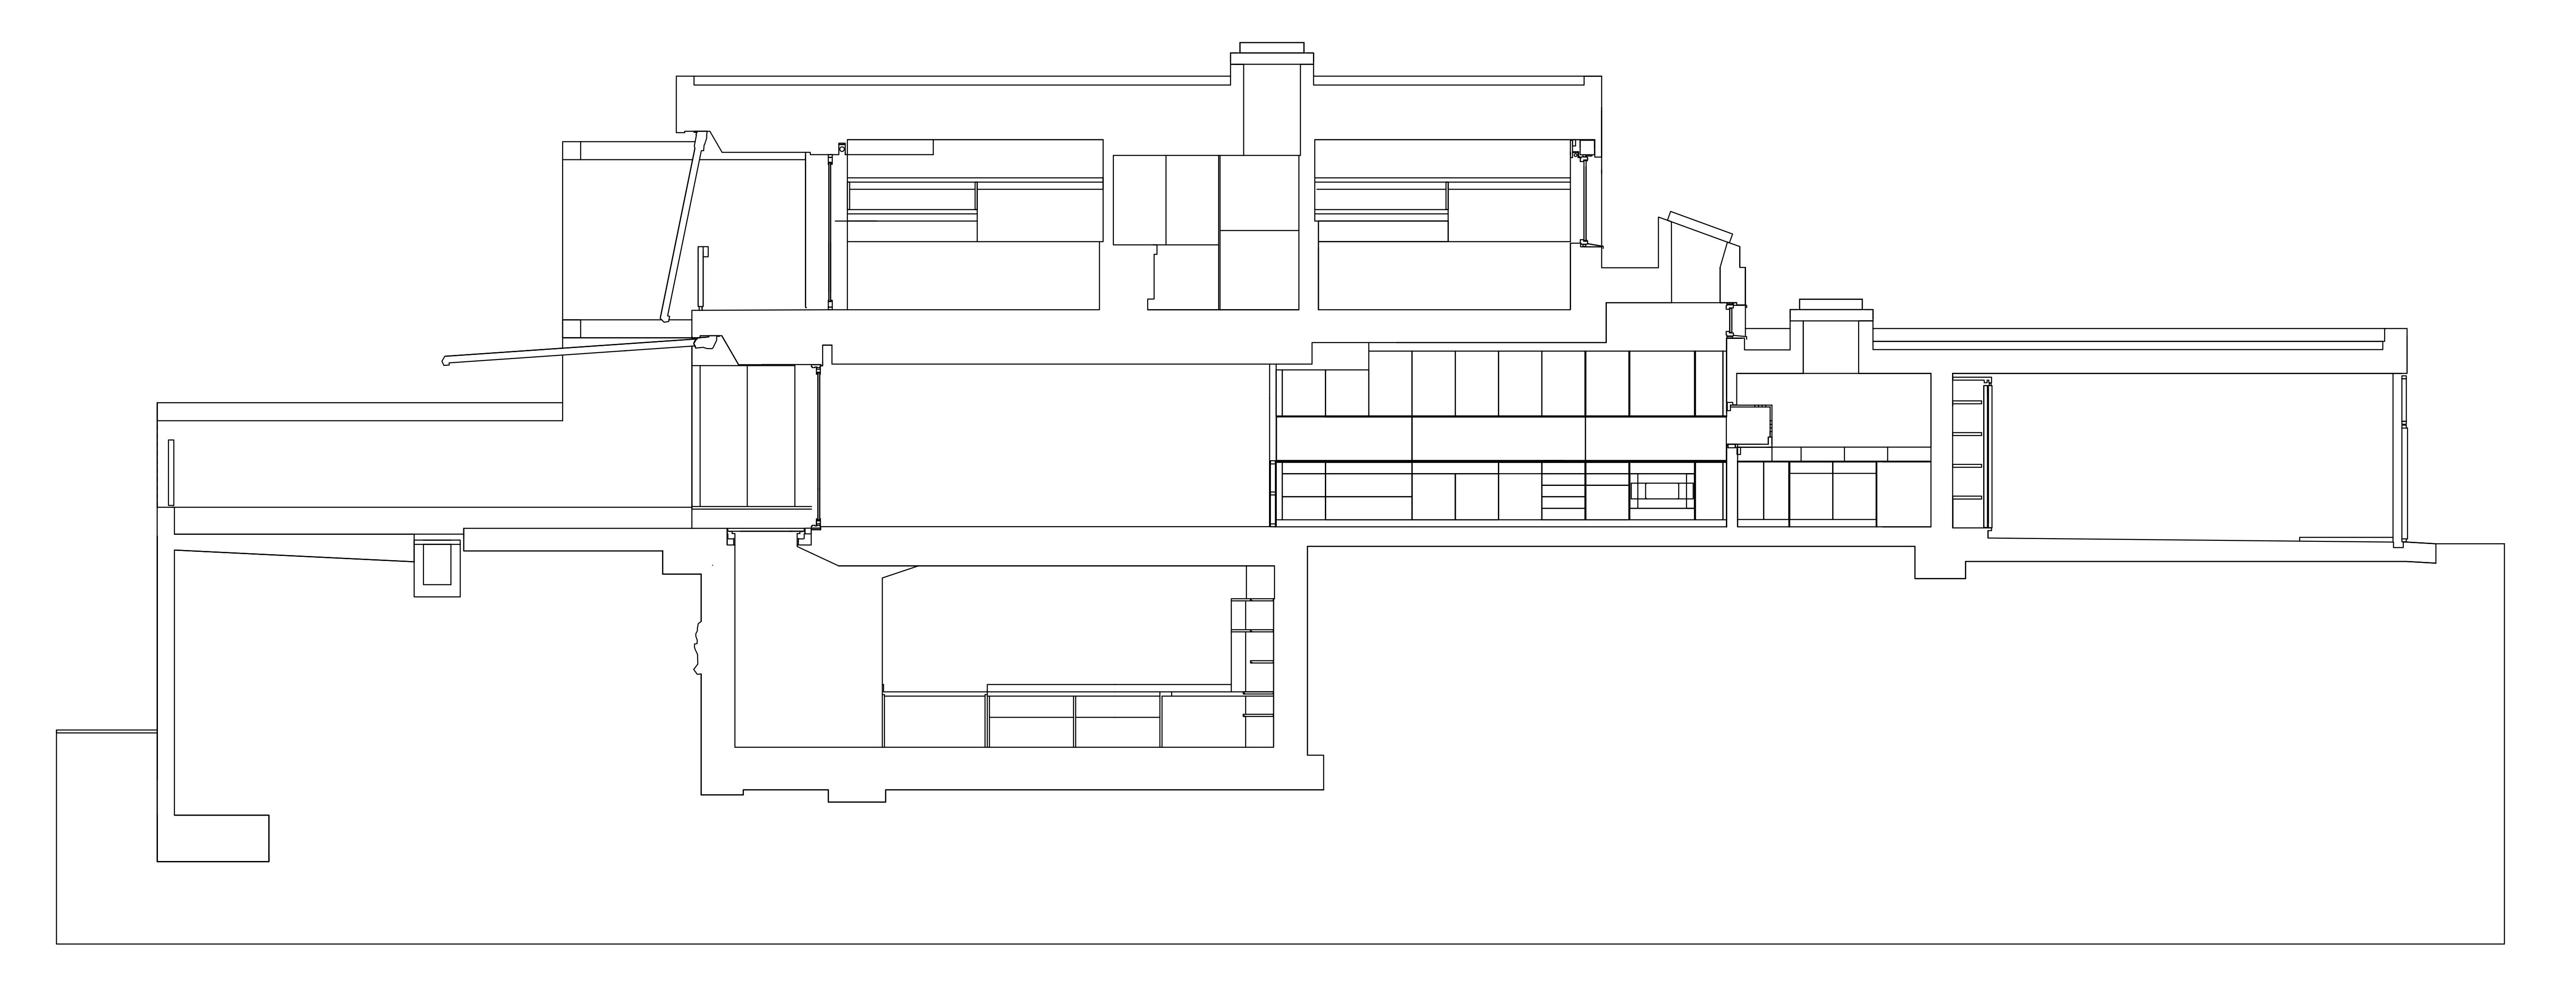 Reforma de una casa | Imagen de proyecto14